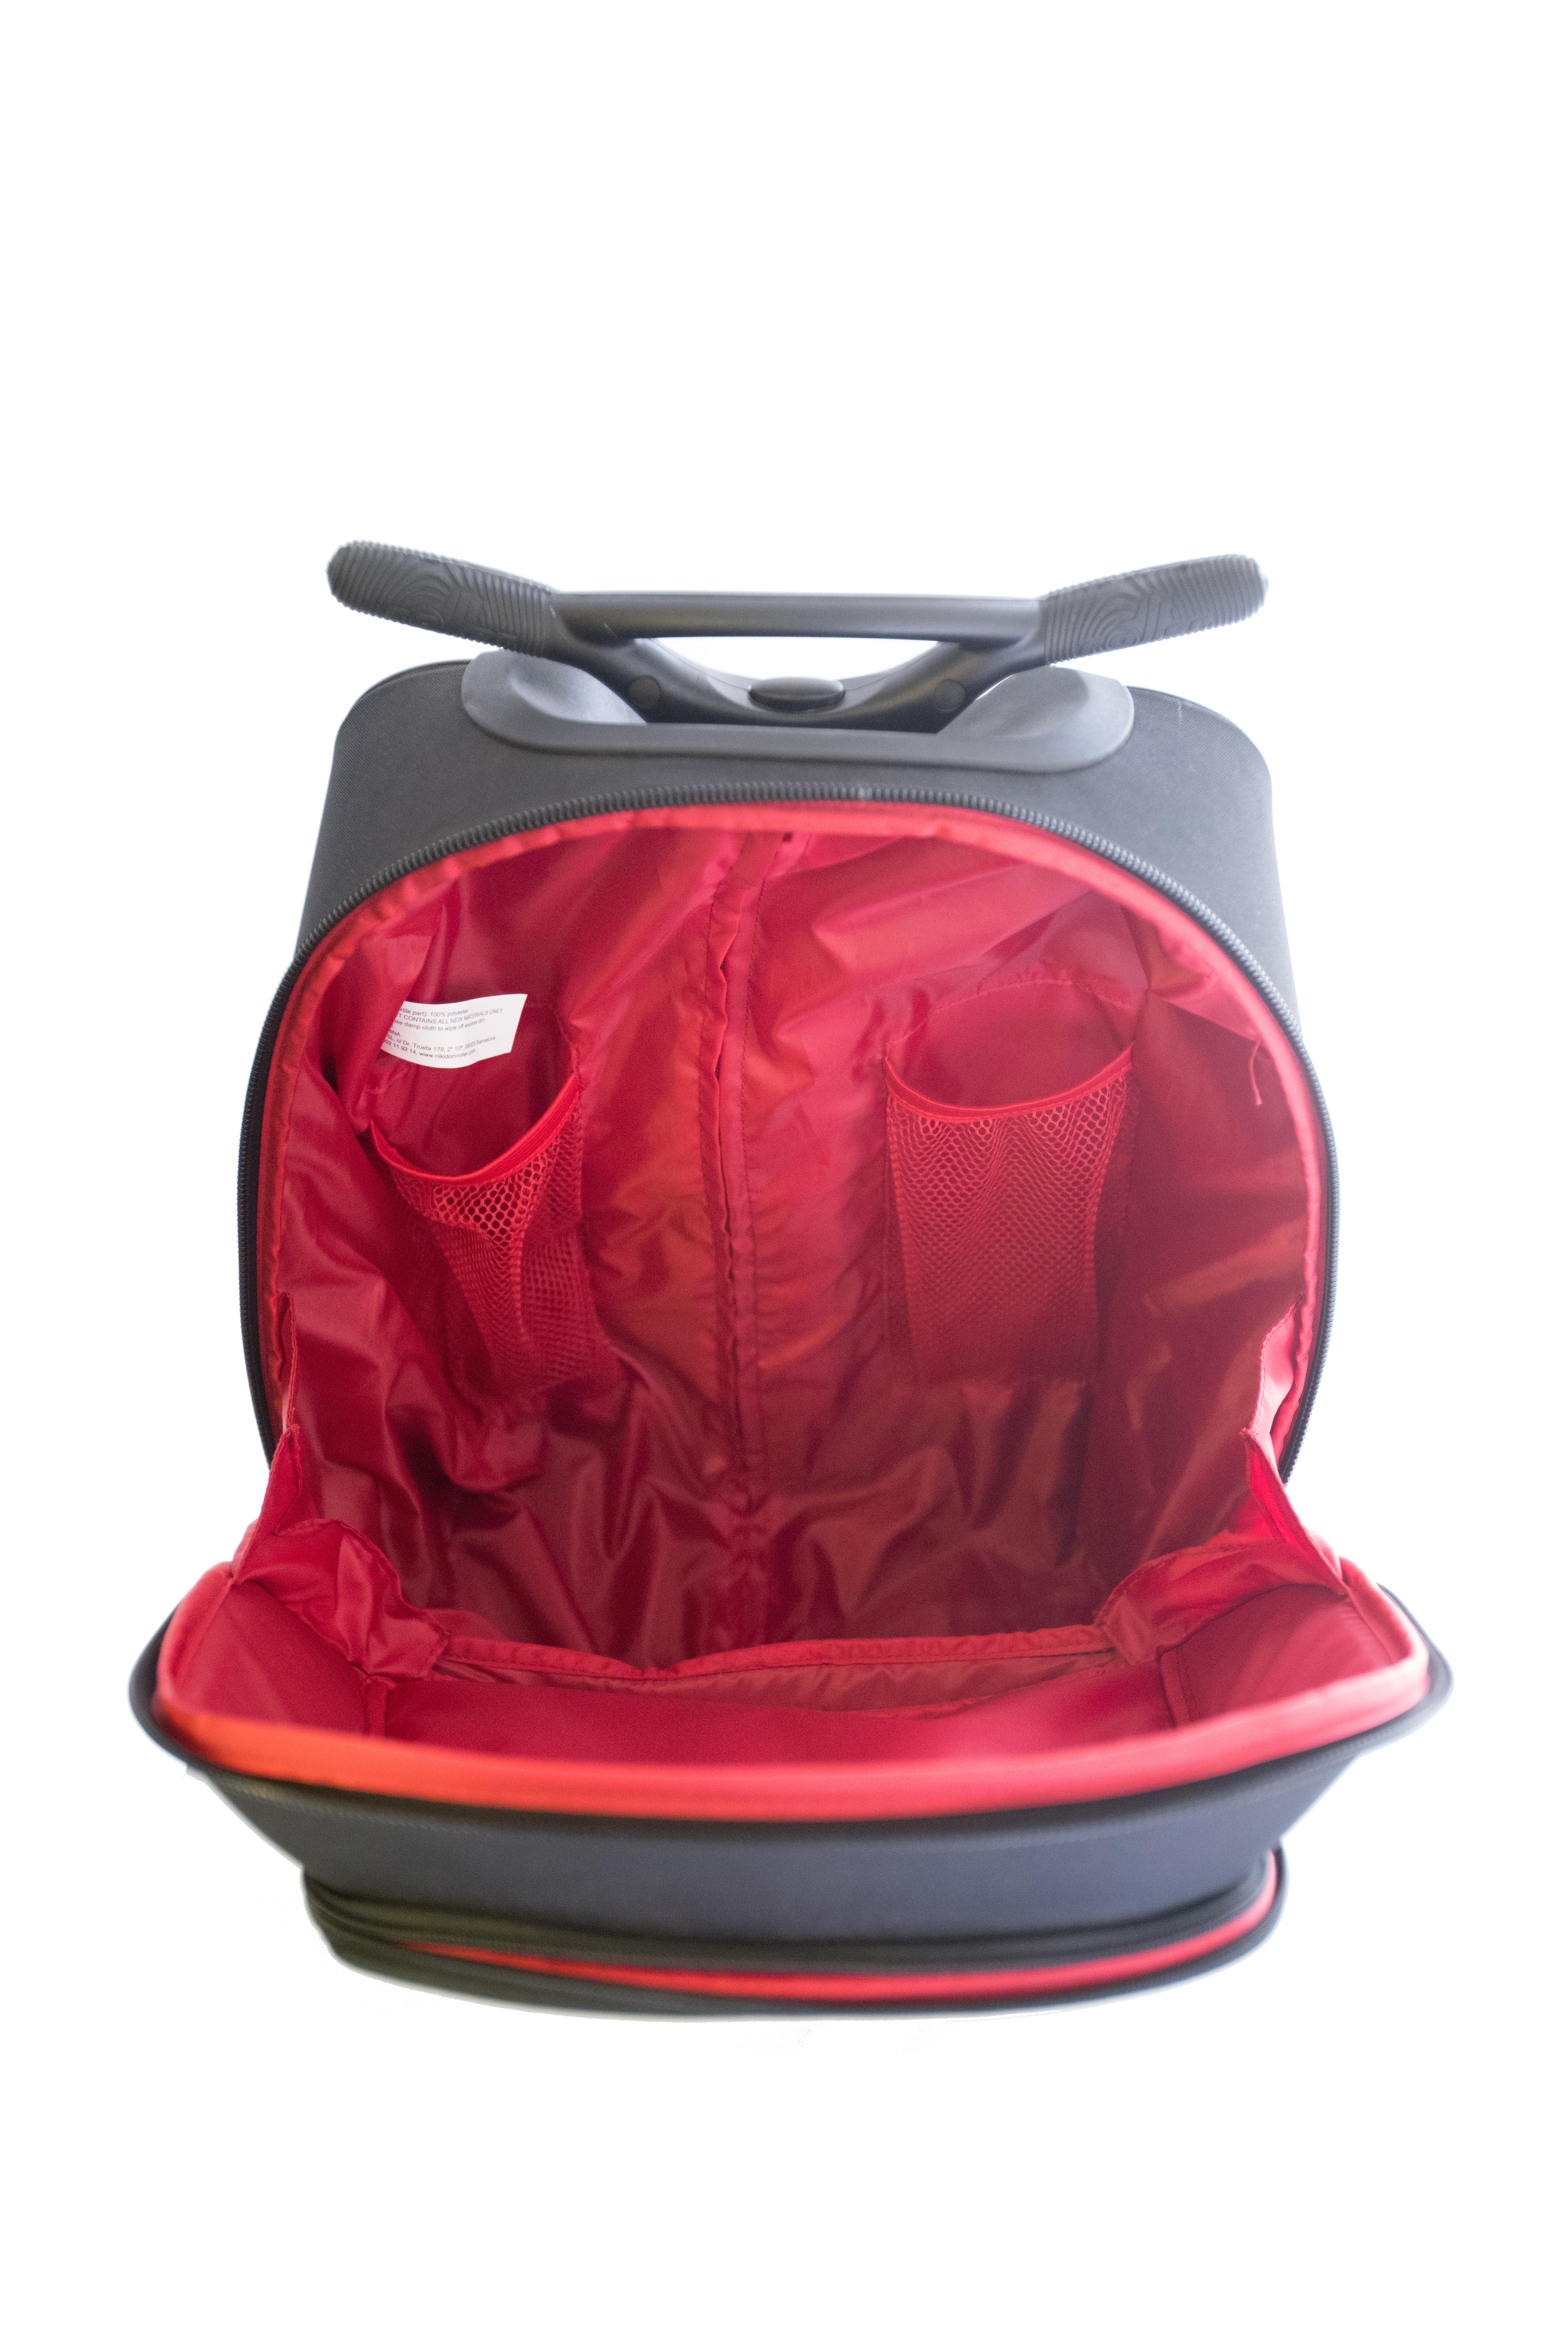 Školní taška na kolečkách Nikidom Roller XL Mandala  b1268f8b0e